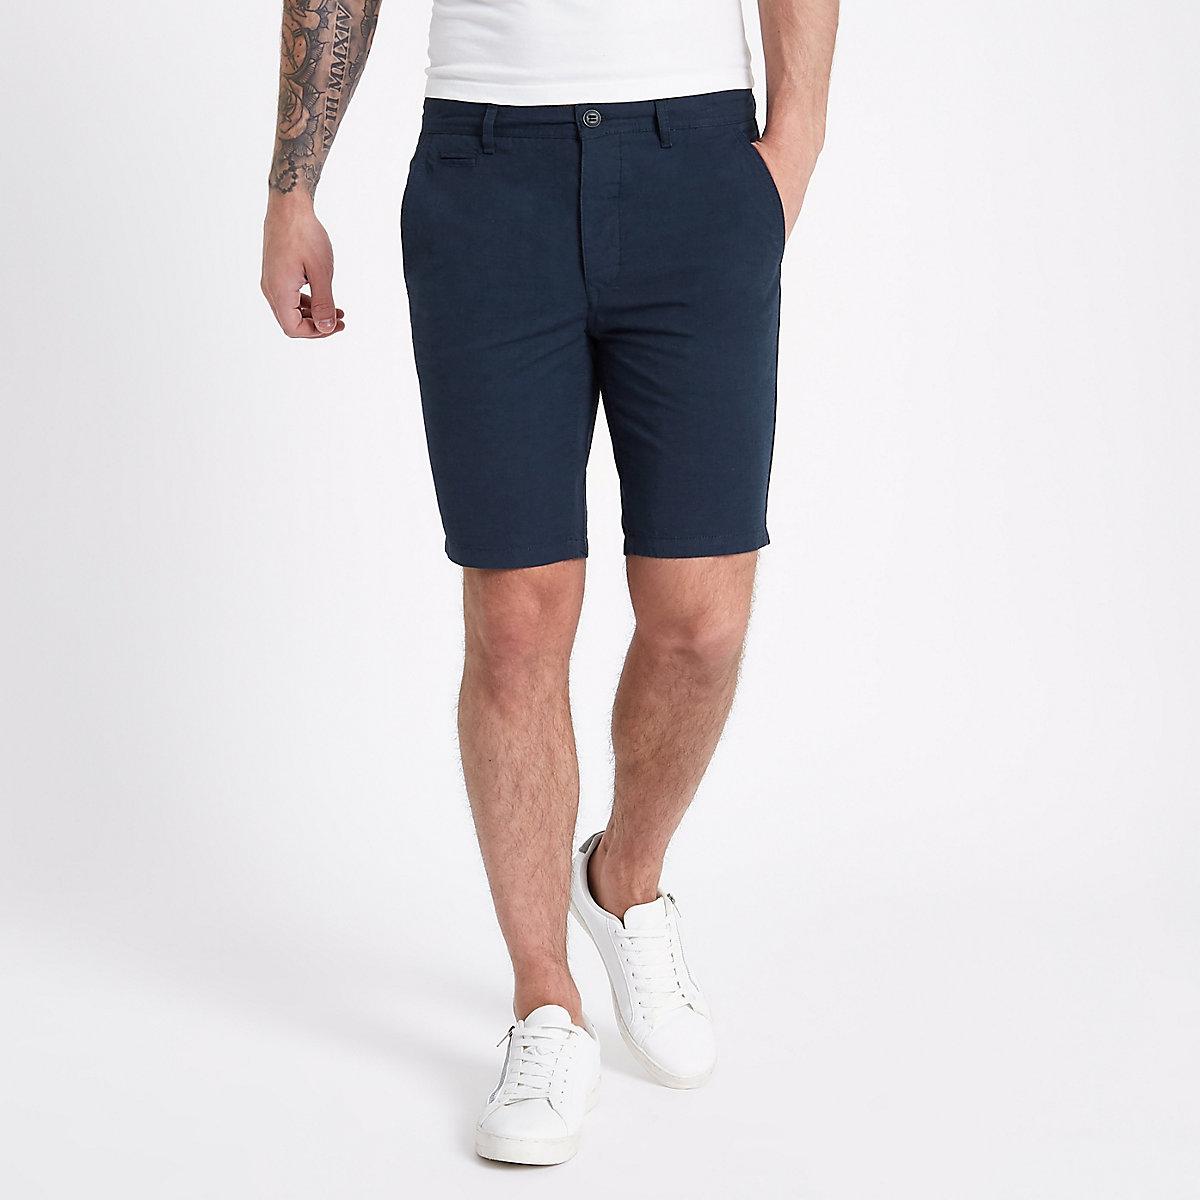 Navy slim fit Oxford chino shorts